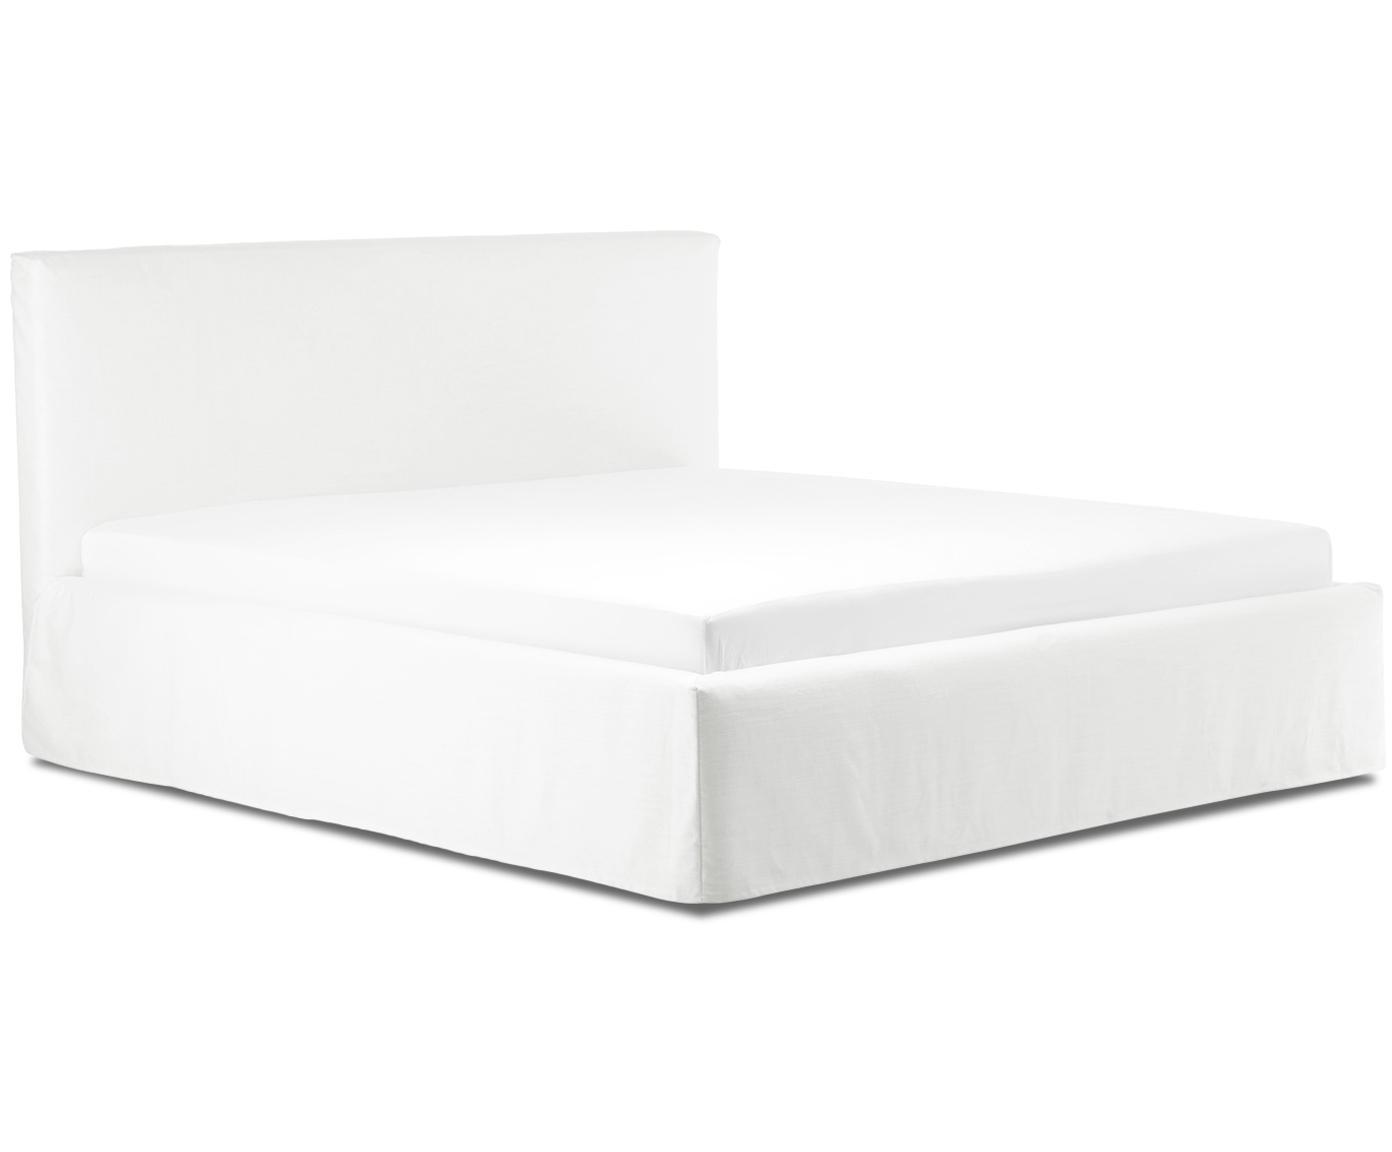 Łóżko tapicerowane z funkcją przechowywania Feather, Korpus: lite drewno sosnowe, Tapicerka: poliester (materiał tekst, Kremowobiały, 160 x 200 cm